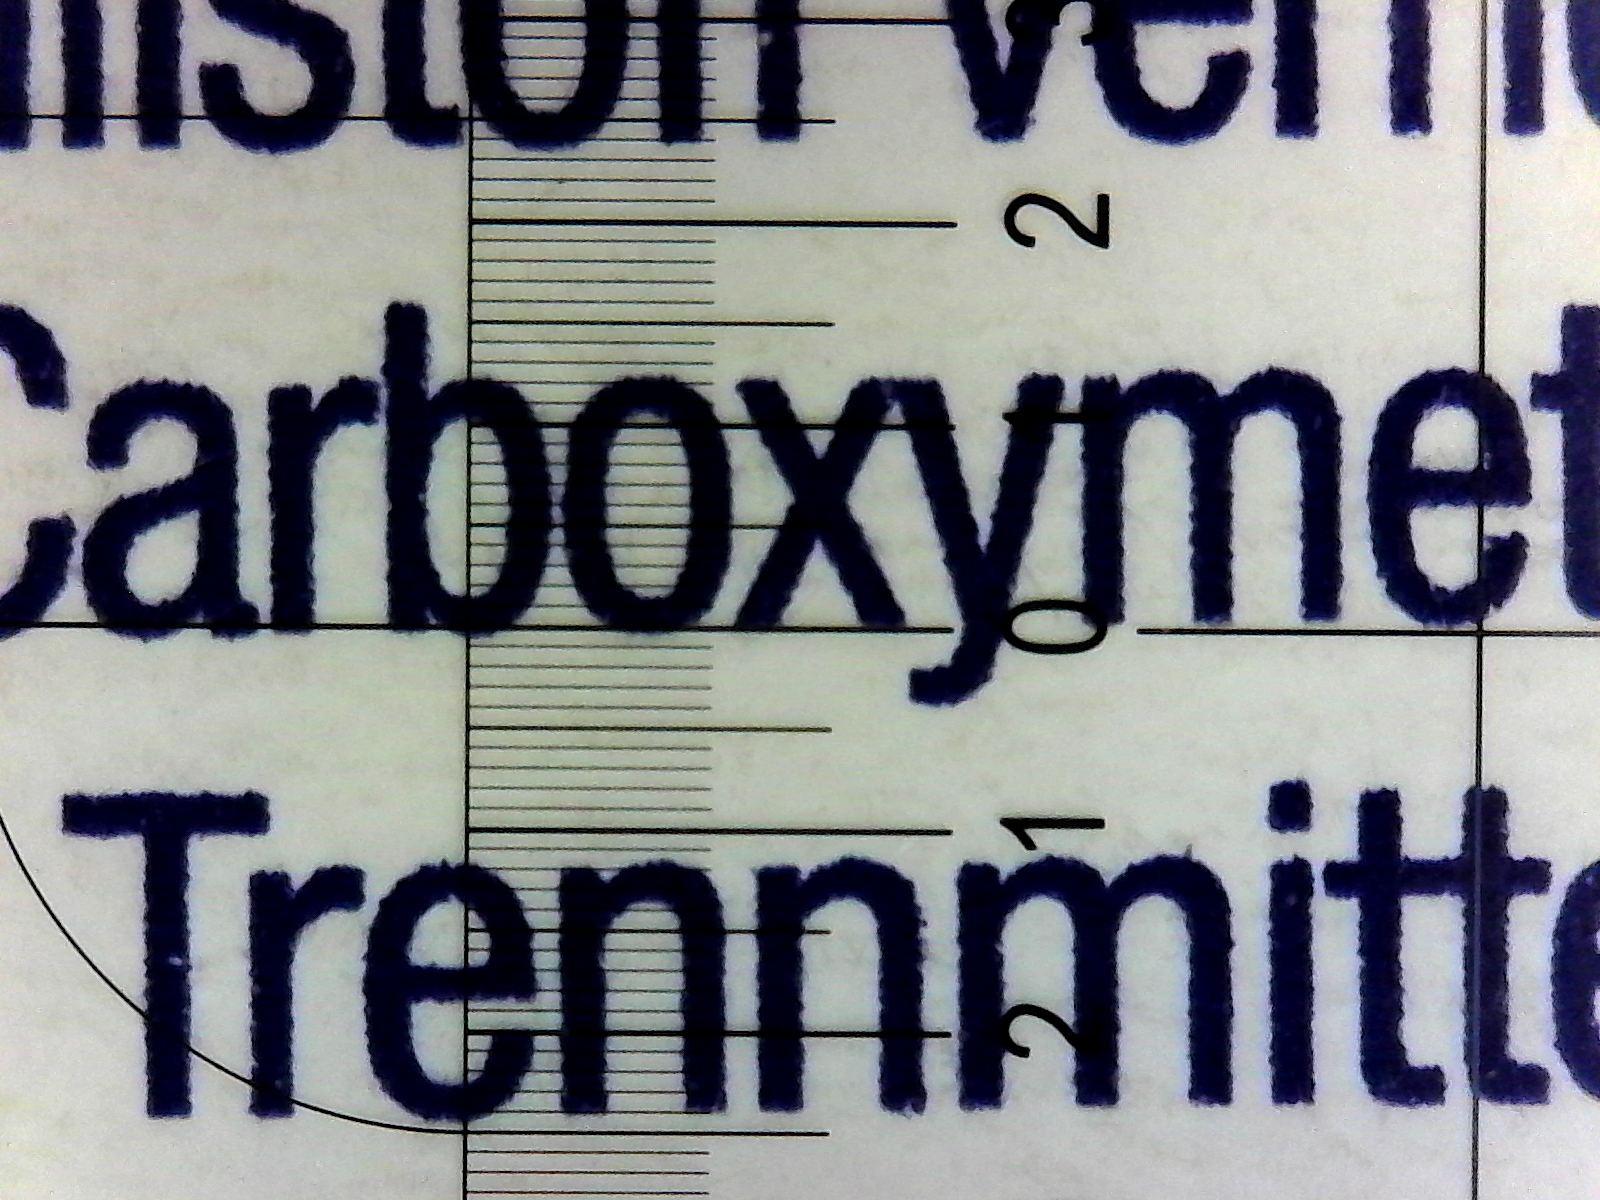 Beispiele für Mikroskopaufnahmen von Verpackungen. In den vorliegenden Fällen entsprach die Schriftgröße den geforderten 1,2 mm.